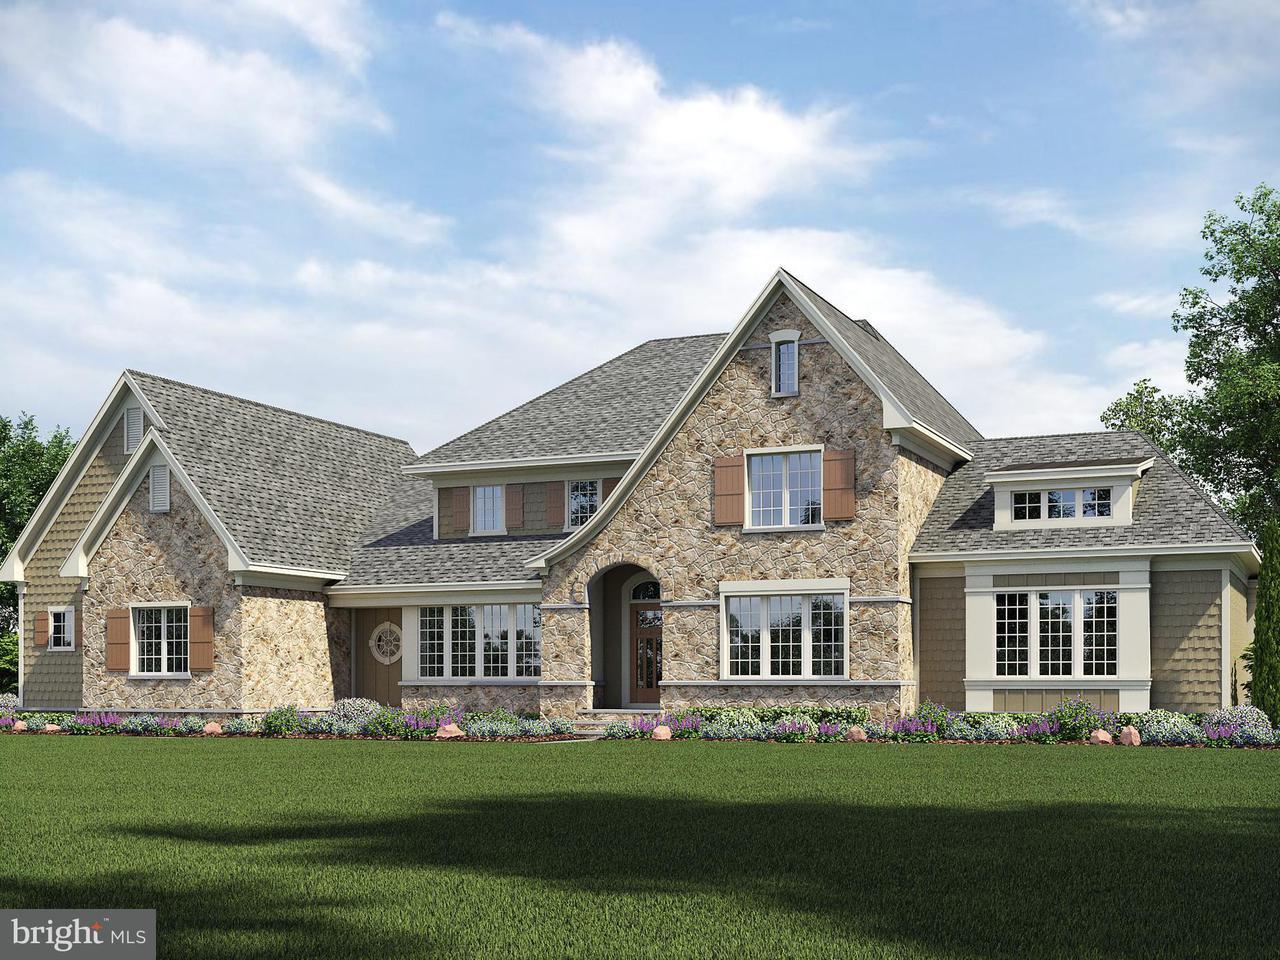 단독 가정 주택 용 매매 에 Willow Brook Lane Willow Brook Lane Fairfax, 버지니아 22030 미국